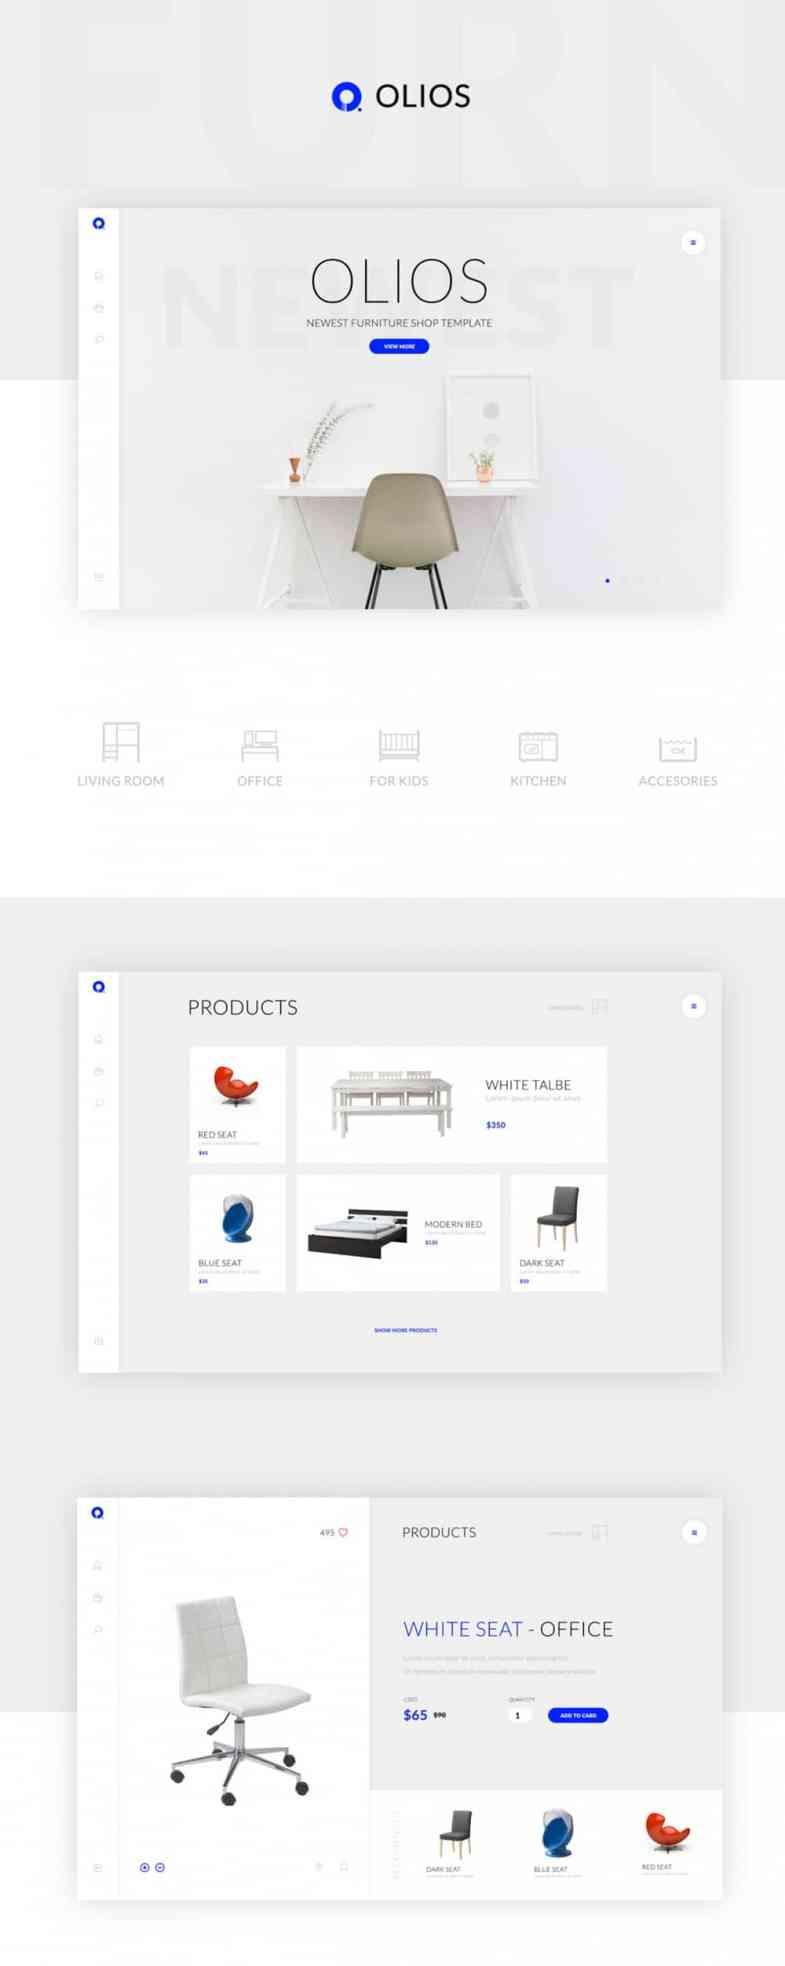 Olios Бесплатные шаблоны для интернет-магазина psd - Olios - Бесплатные шаблоны для интернет-магазина PSD